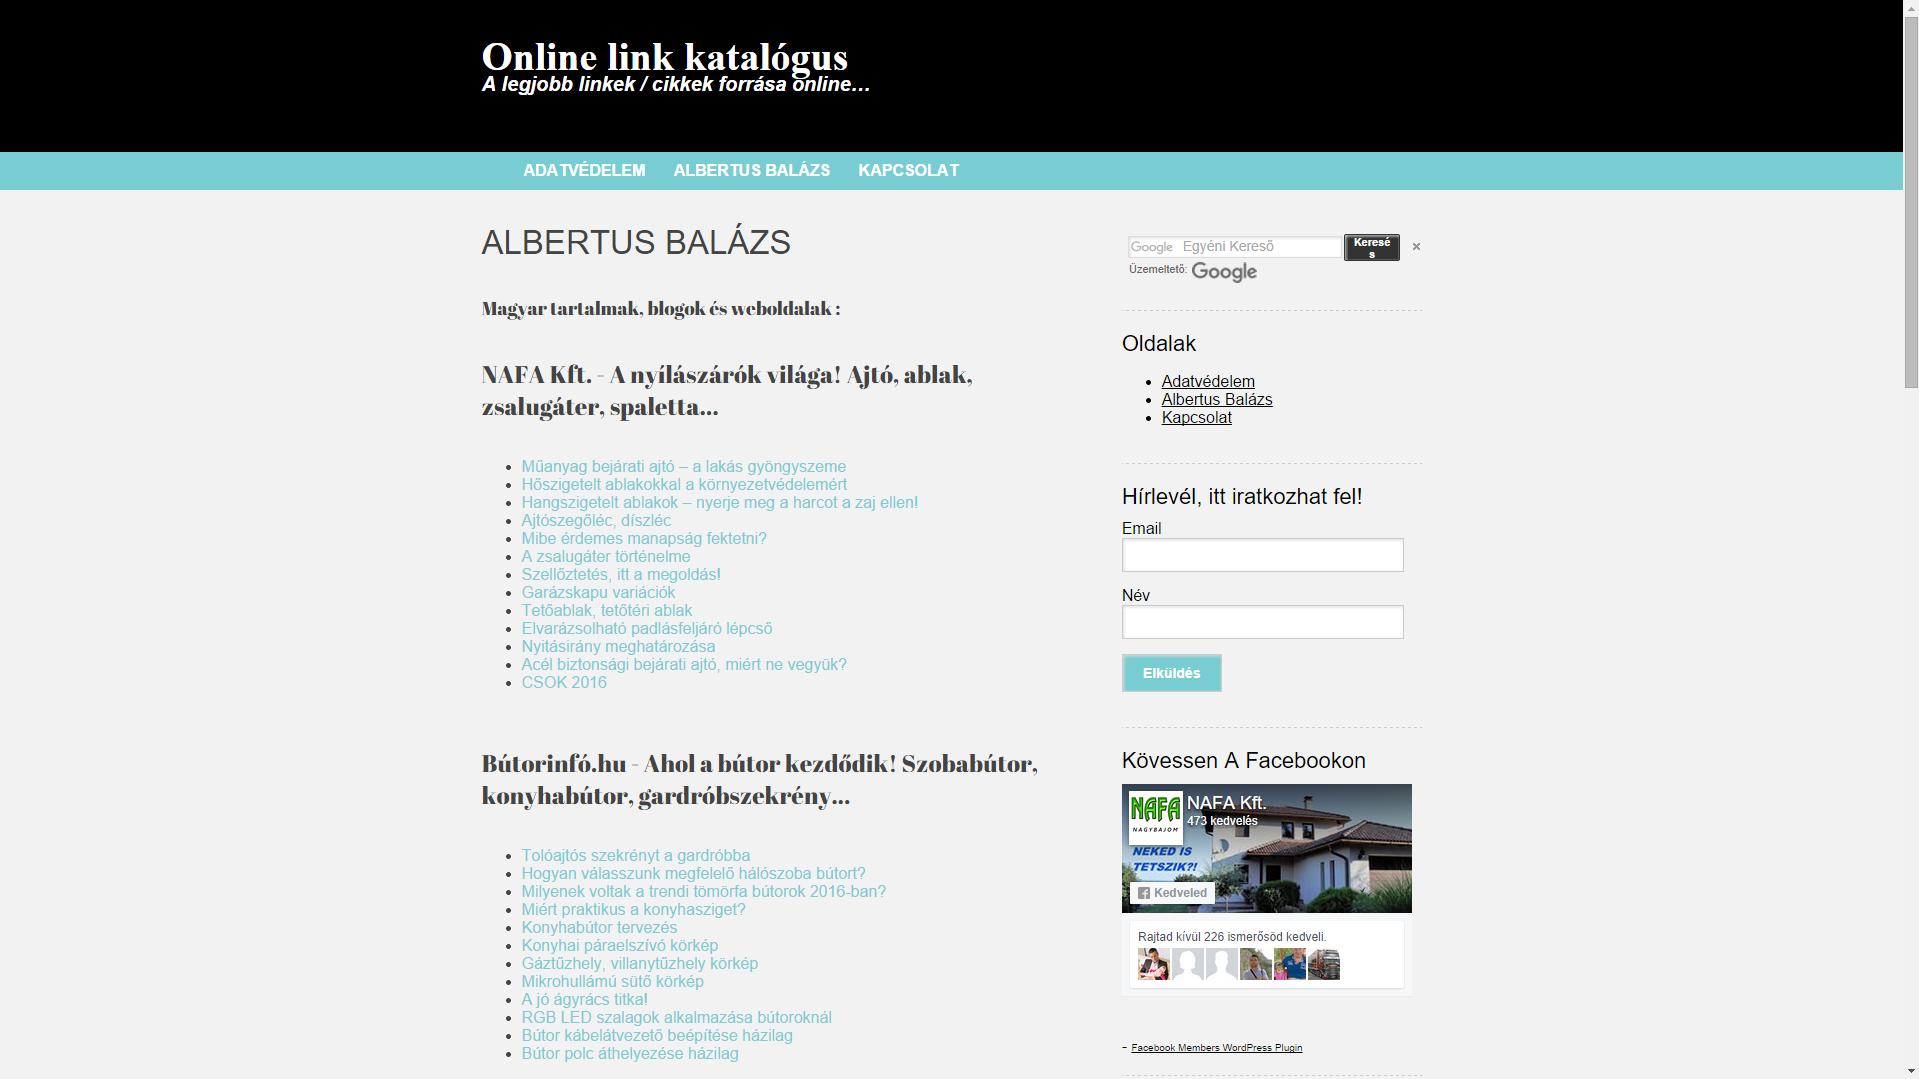 Online link katalógus.hu A legjobb linkek / cikkek forrása online...